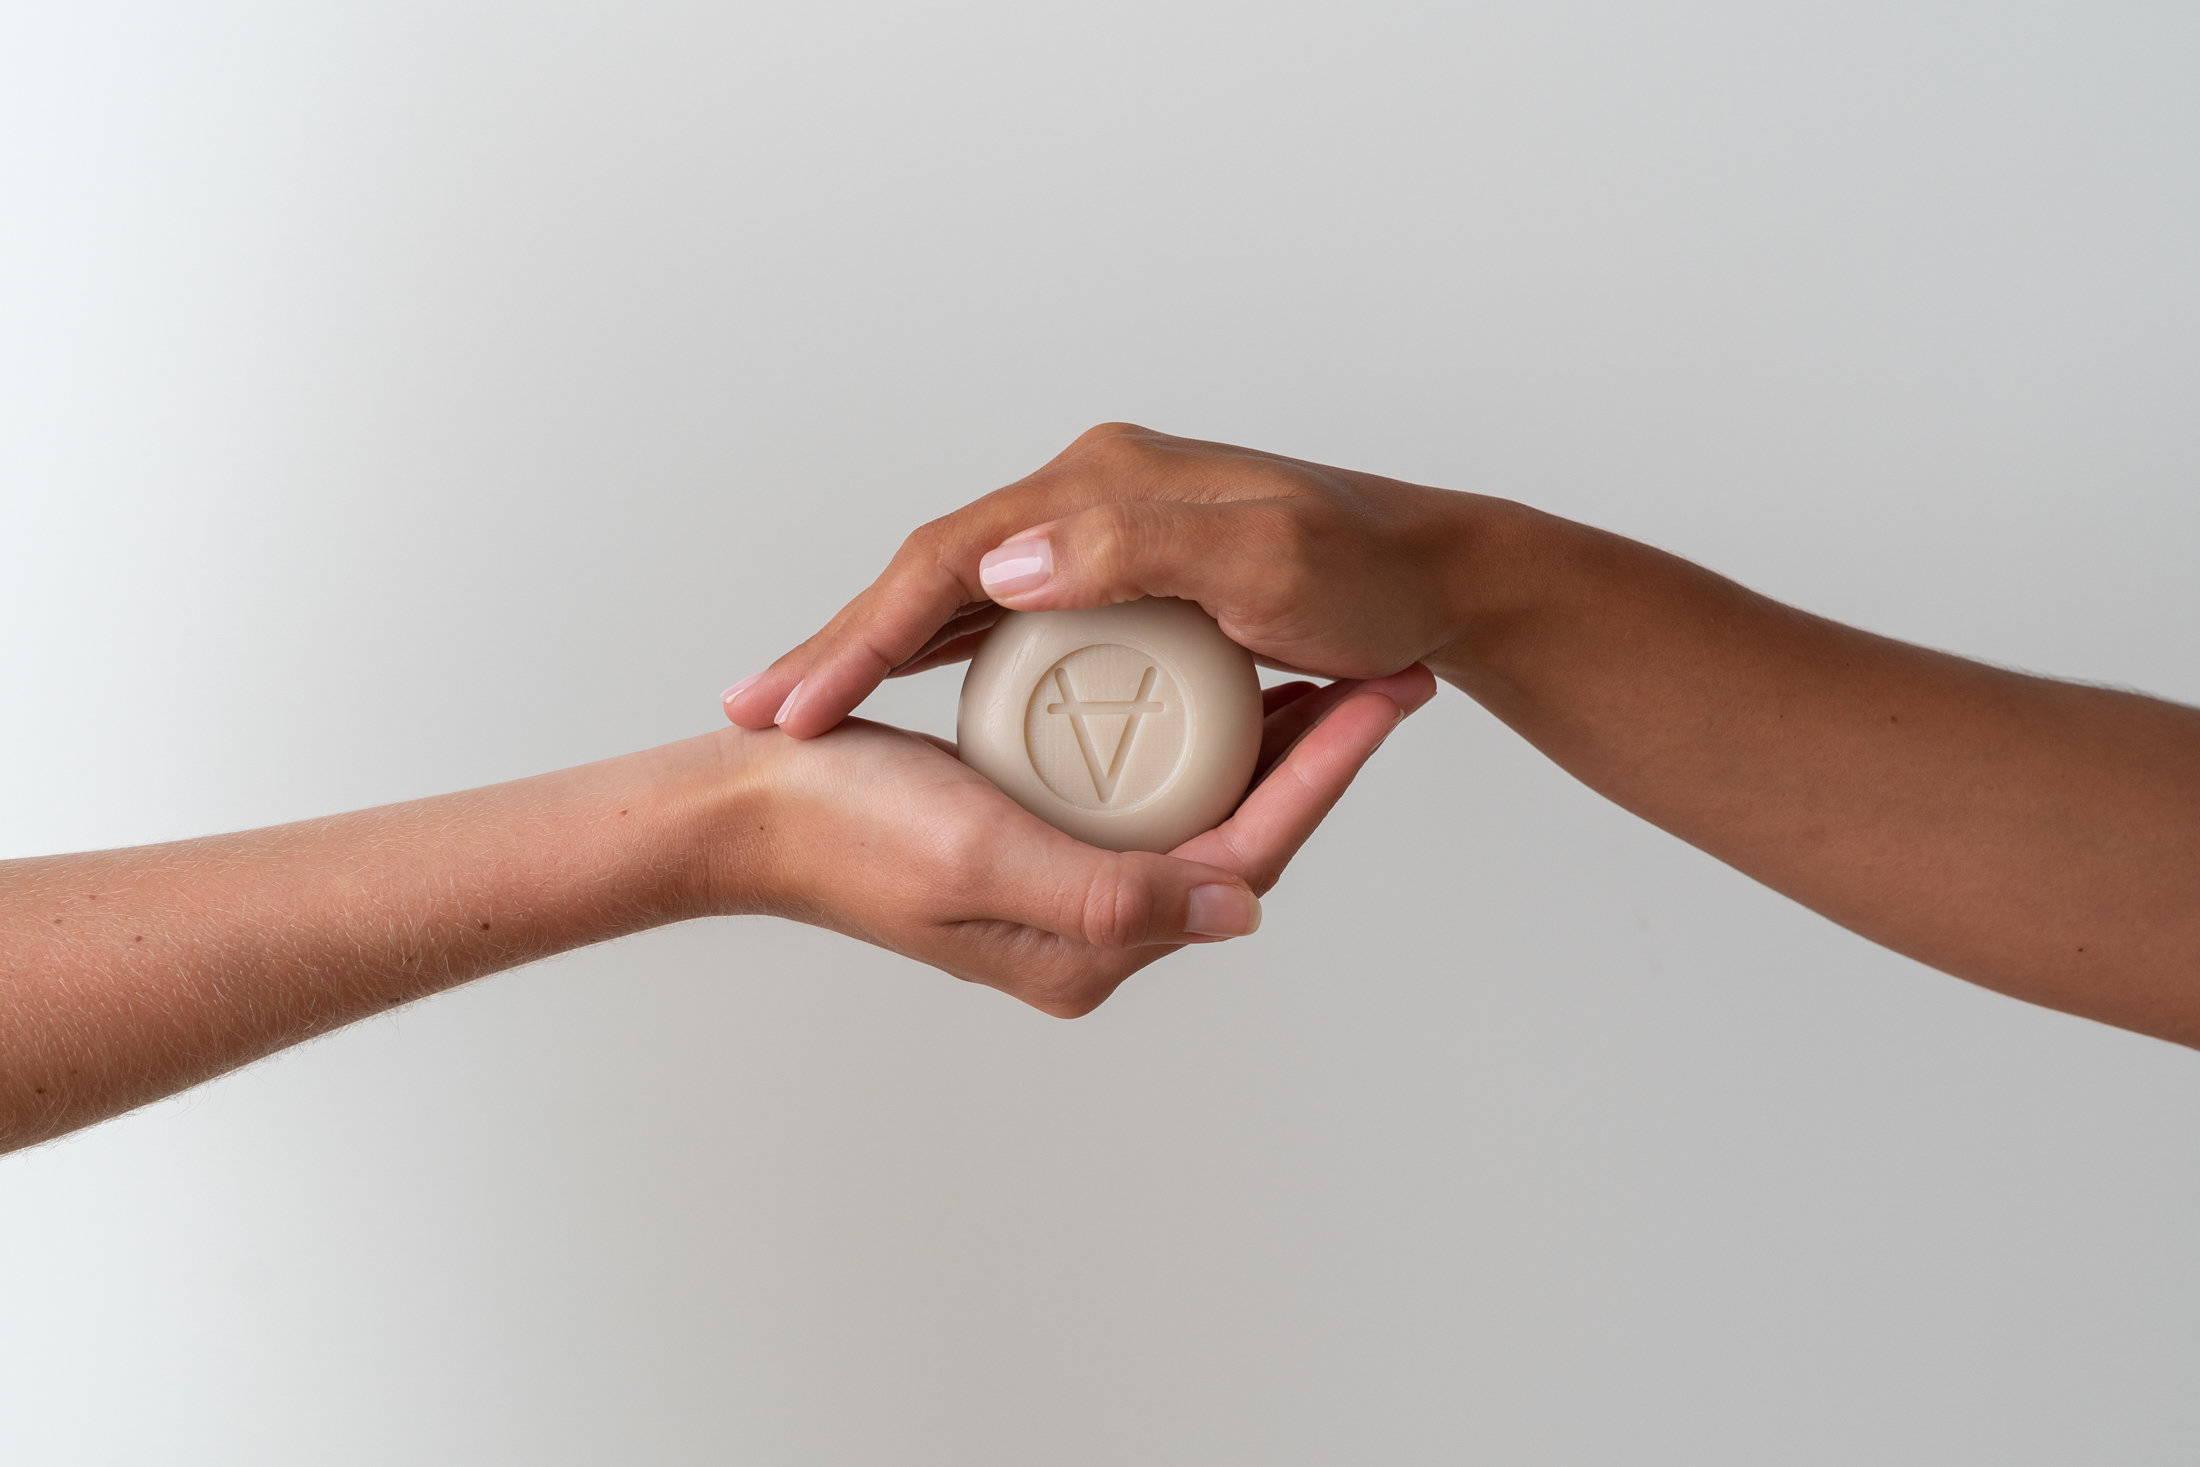 L'hydratation de la peau est la clef pour avoir un teint sublime, le lait de chèvre et plus précisément le savon vous y aidera plus rapidement et simplement.